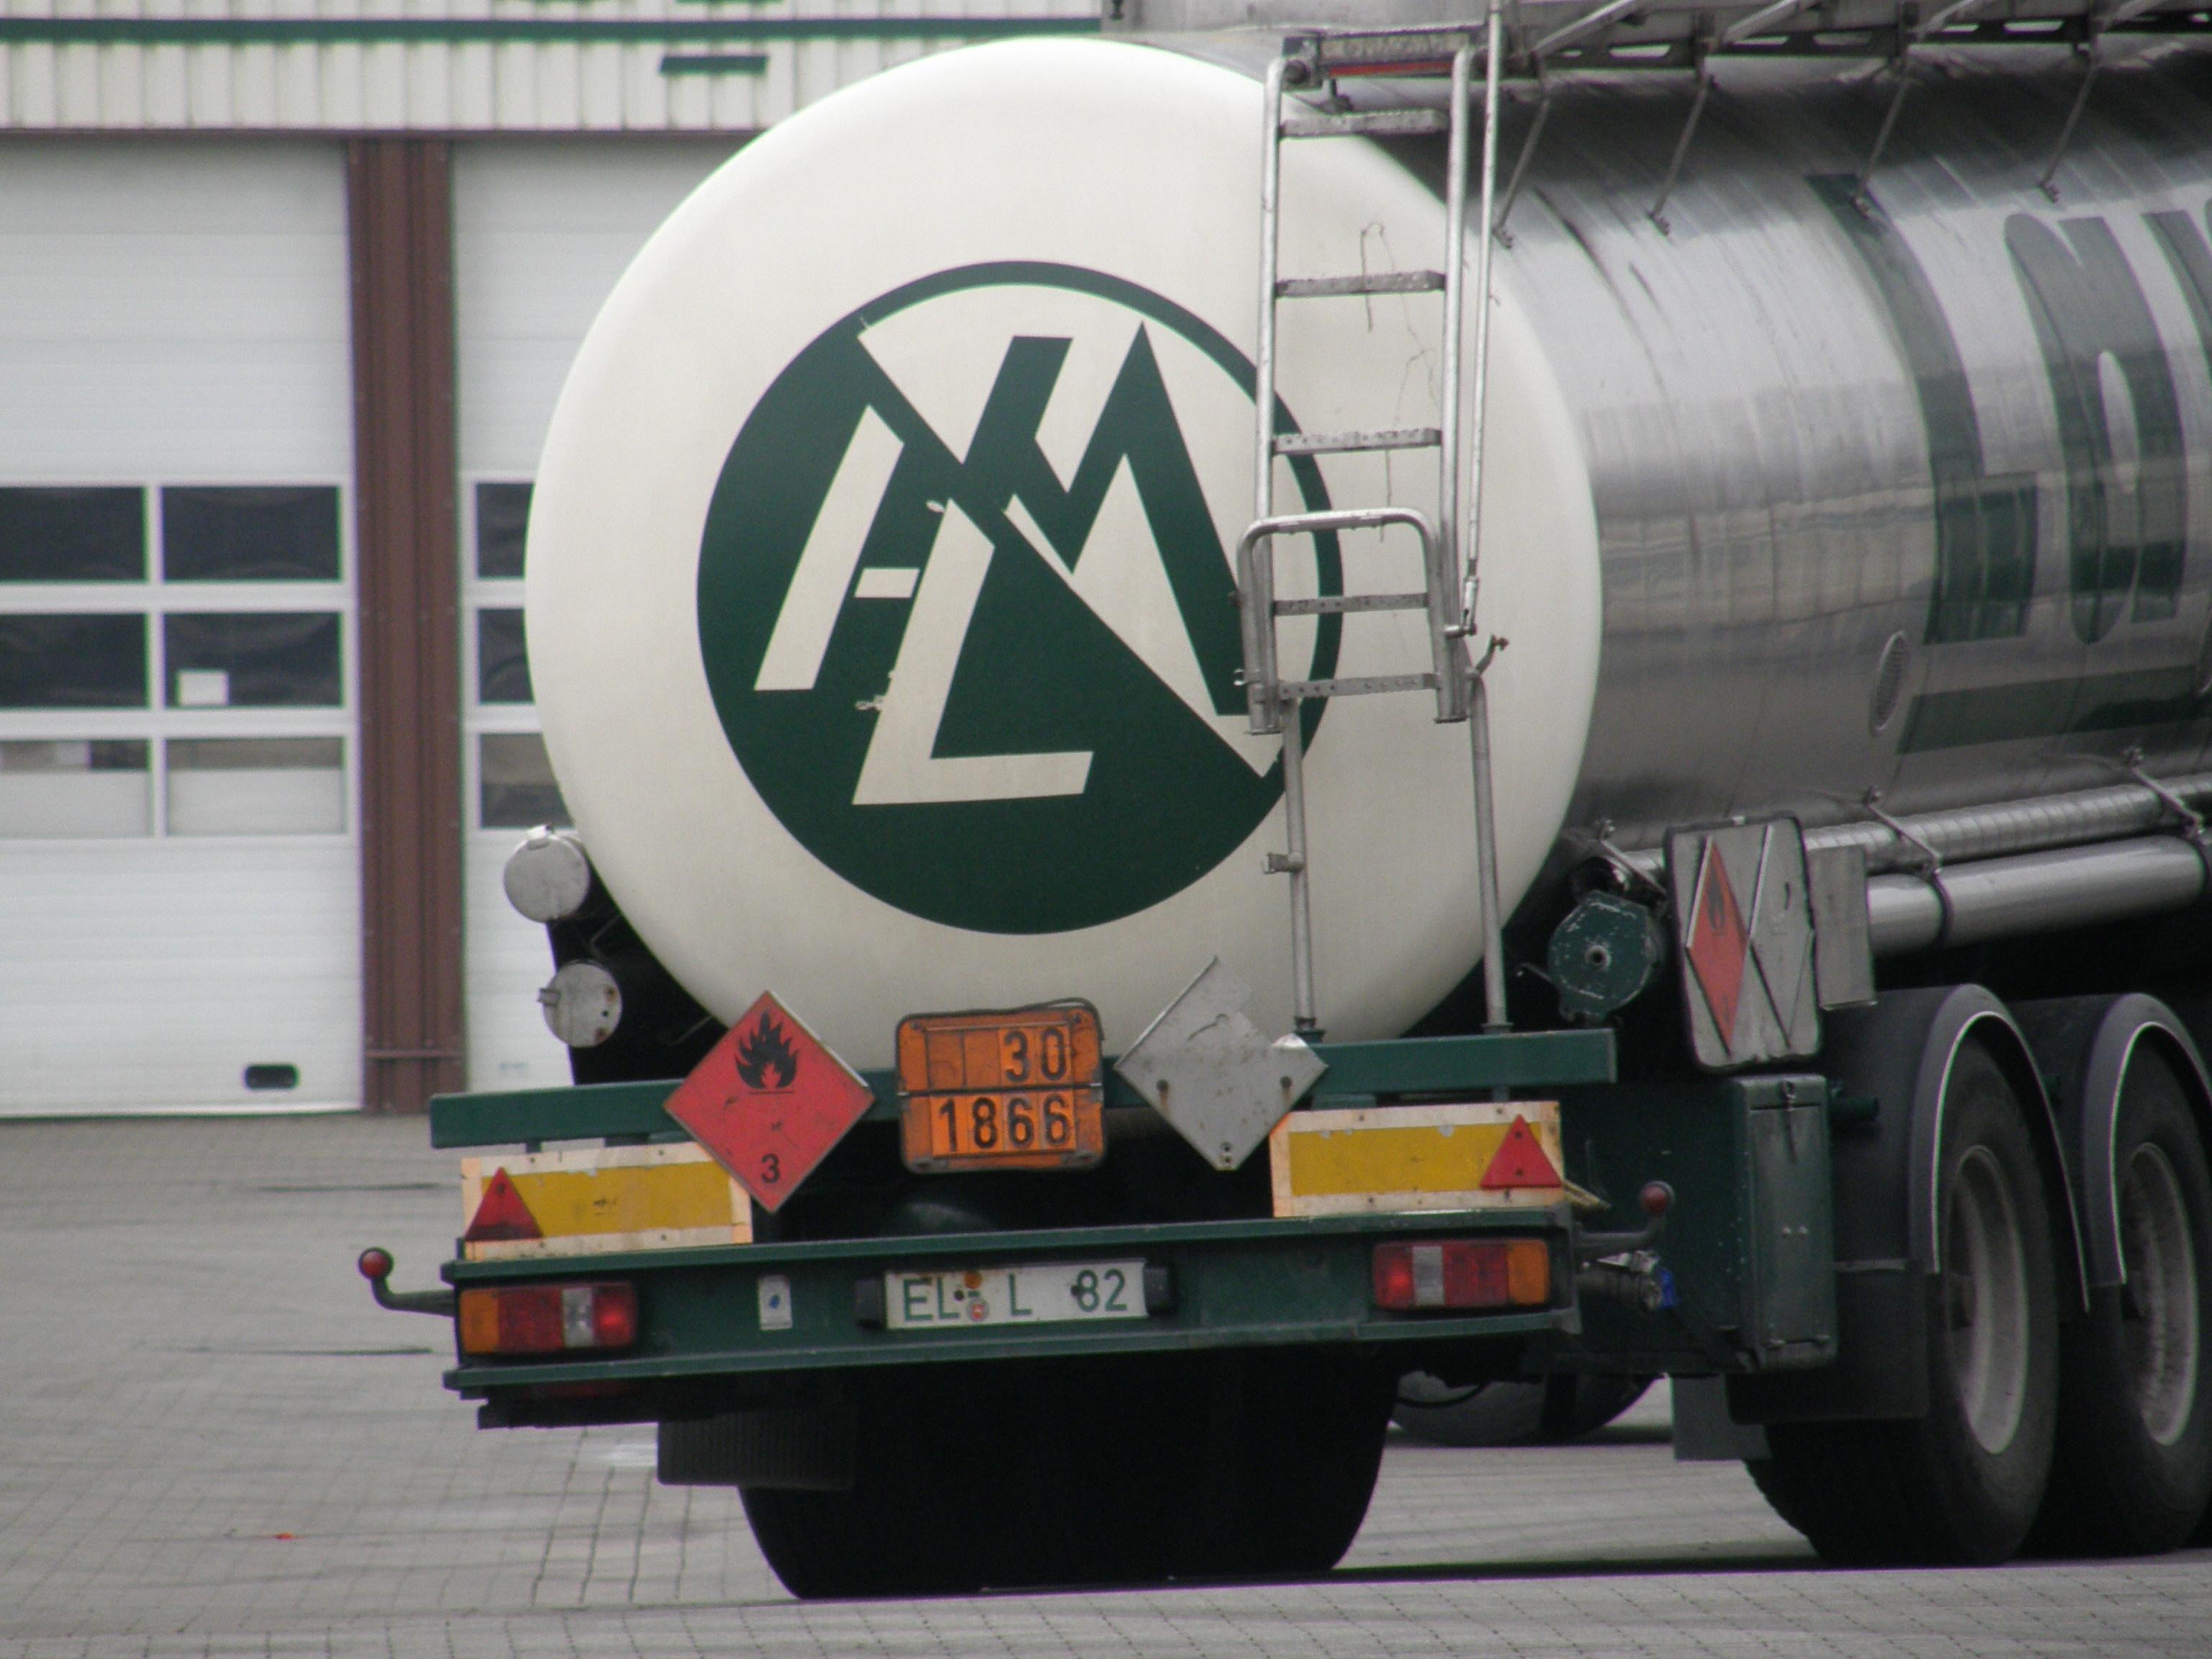 Chemisch transport: richtlijnen voor respons volgens de Cefic